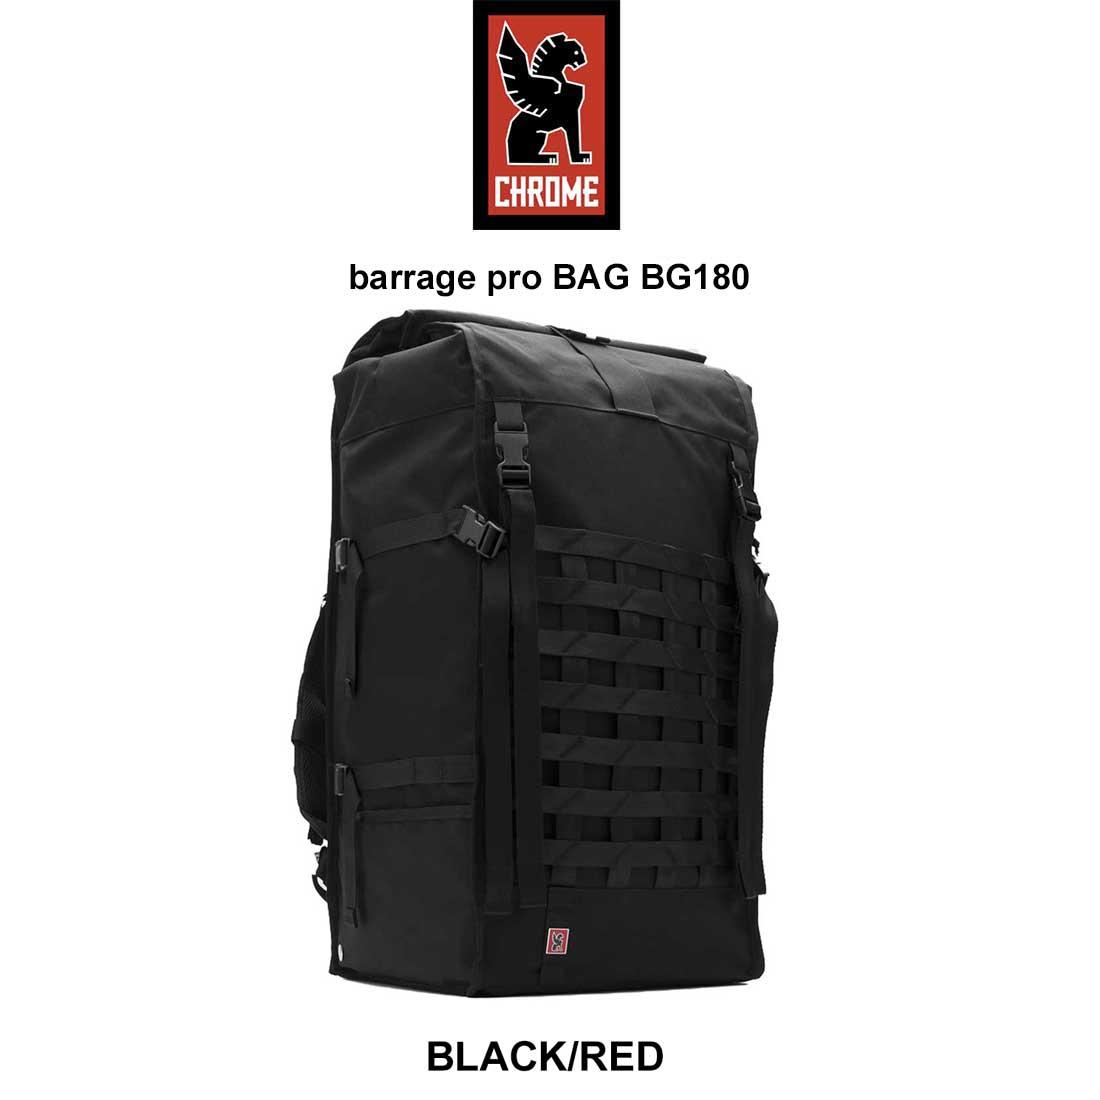 Chrome(クローム)バックパック リュック サイクリング 自転車 ロードバイク barrage pro BAG BG180